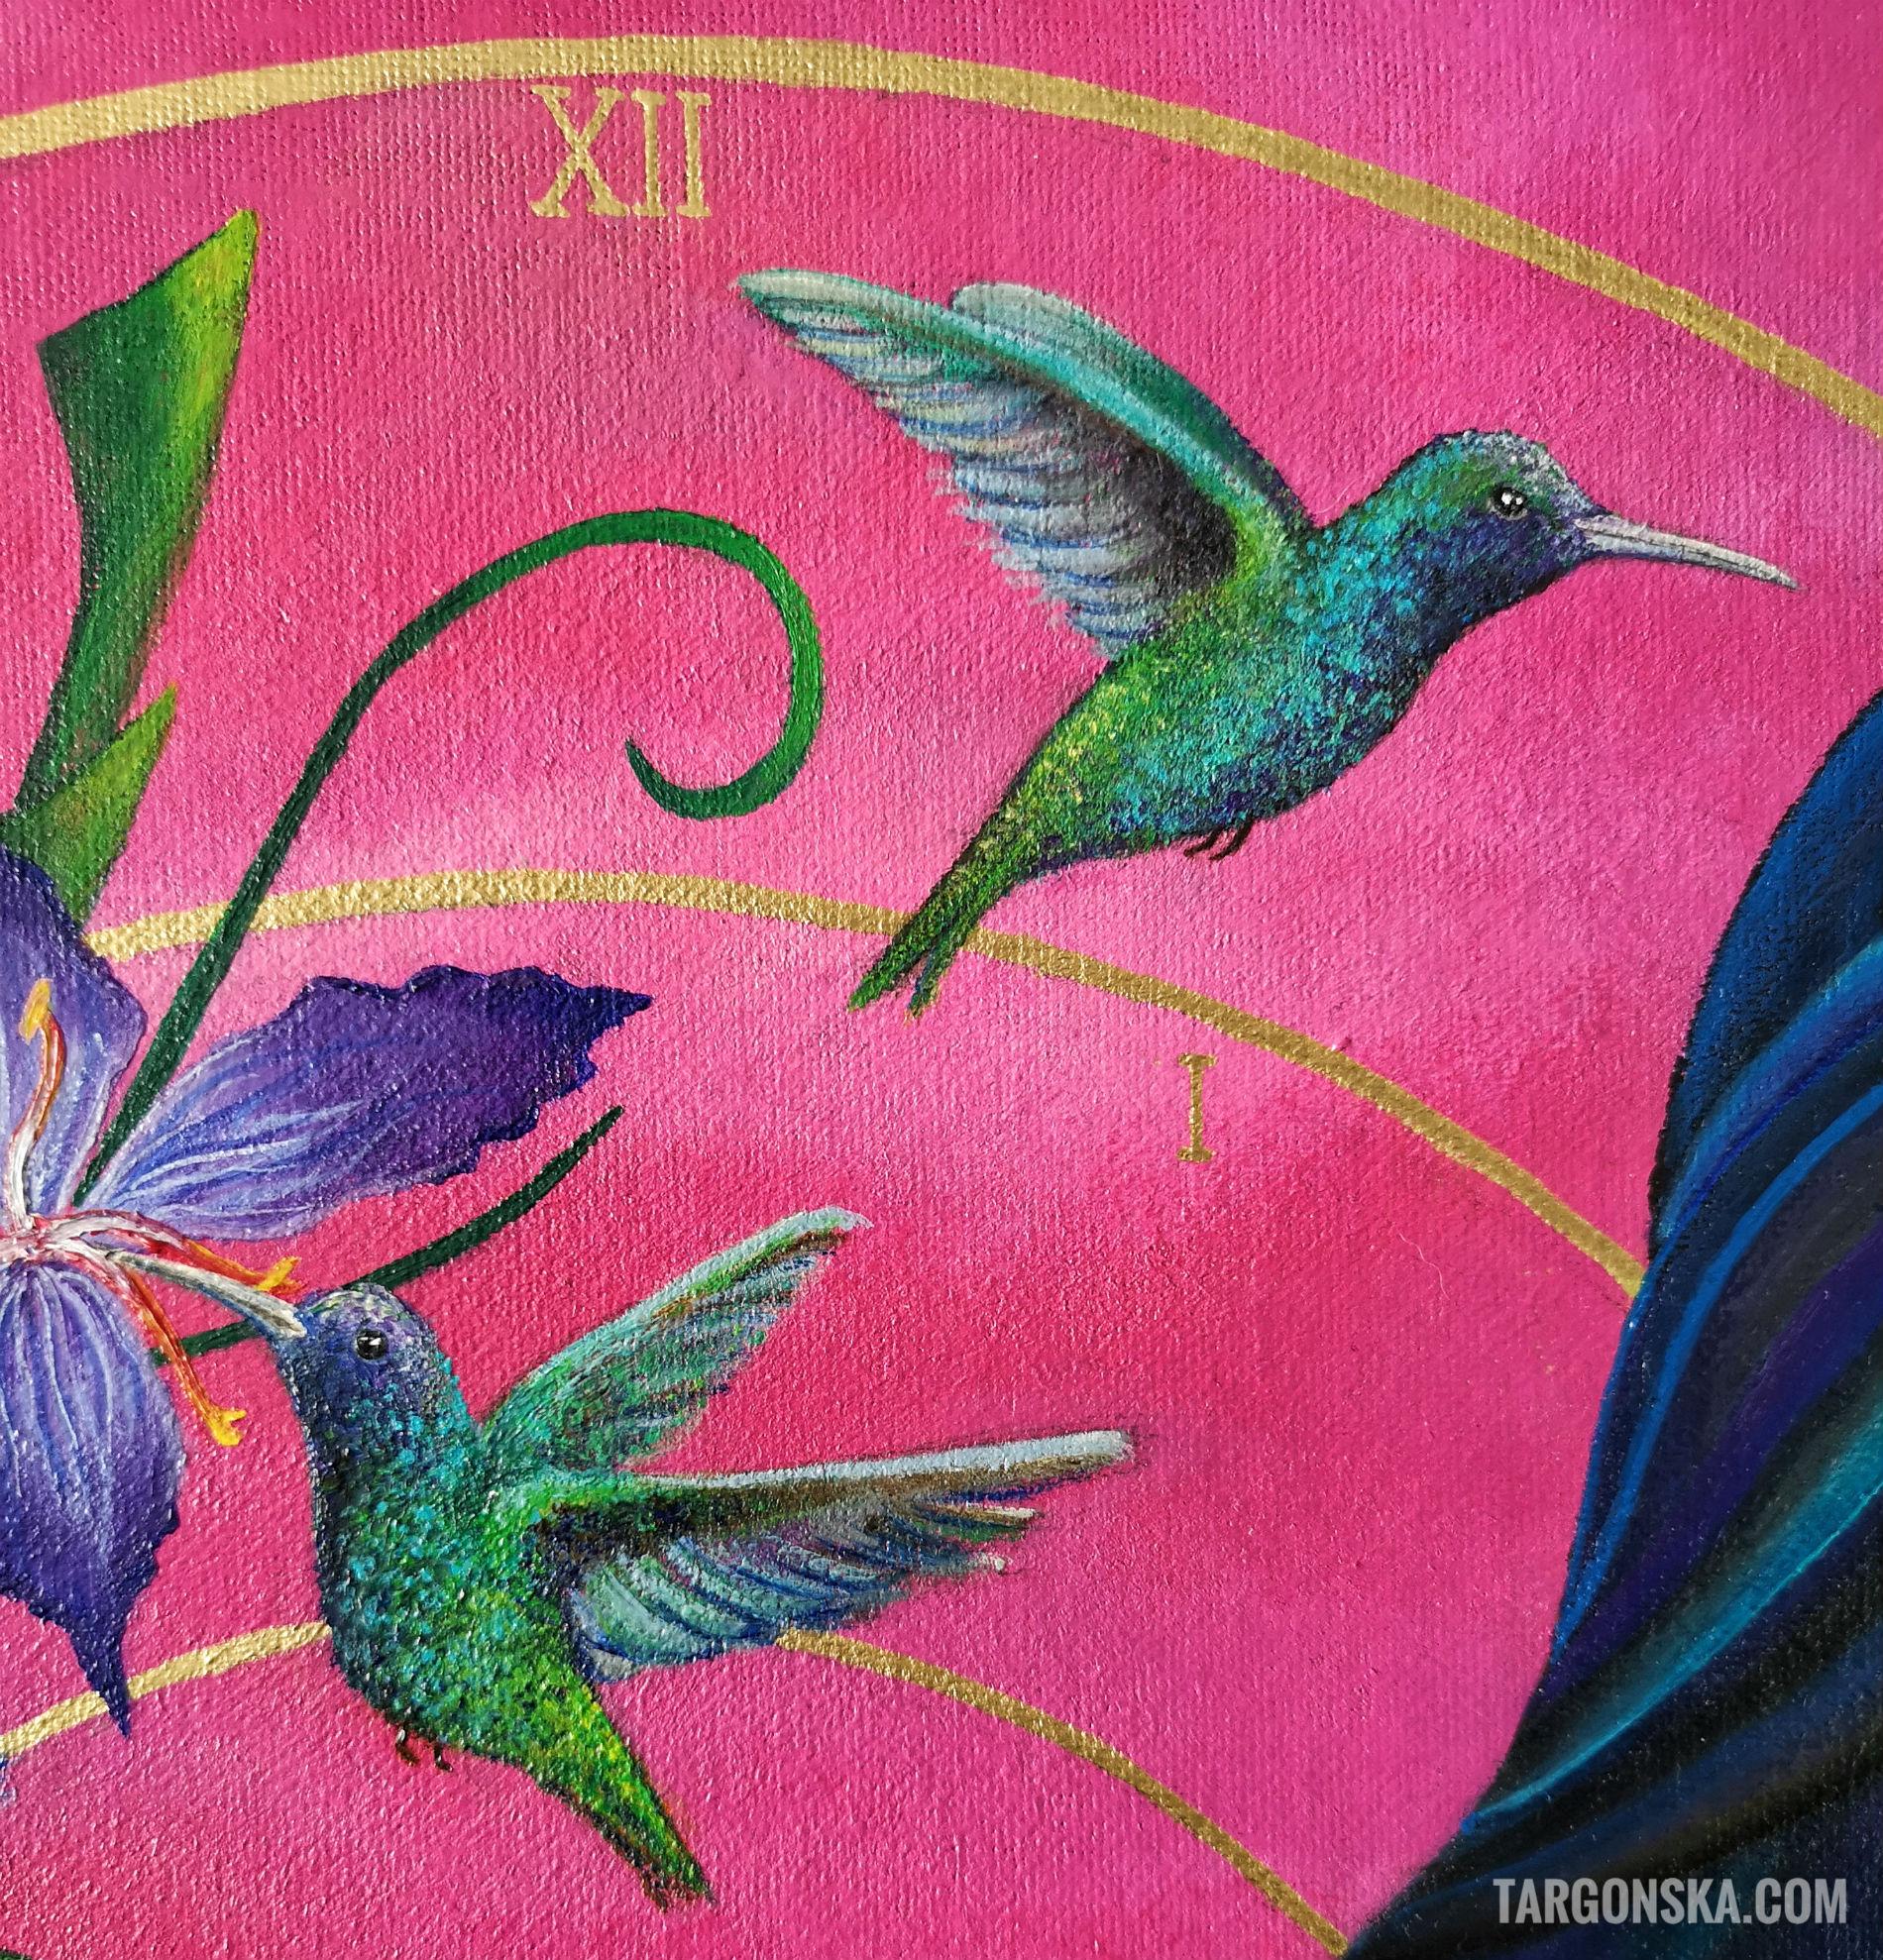 Wake up painting malgorzata targonska details